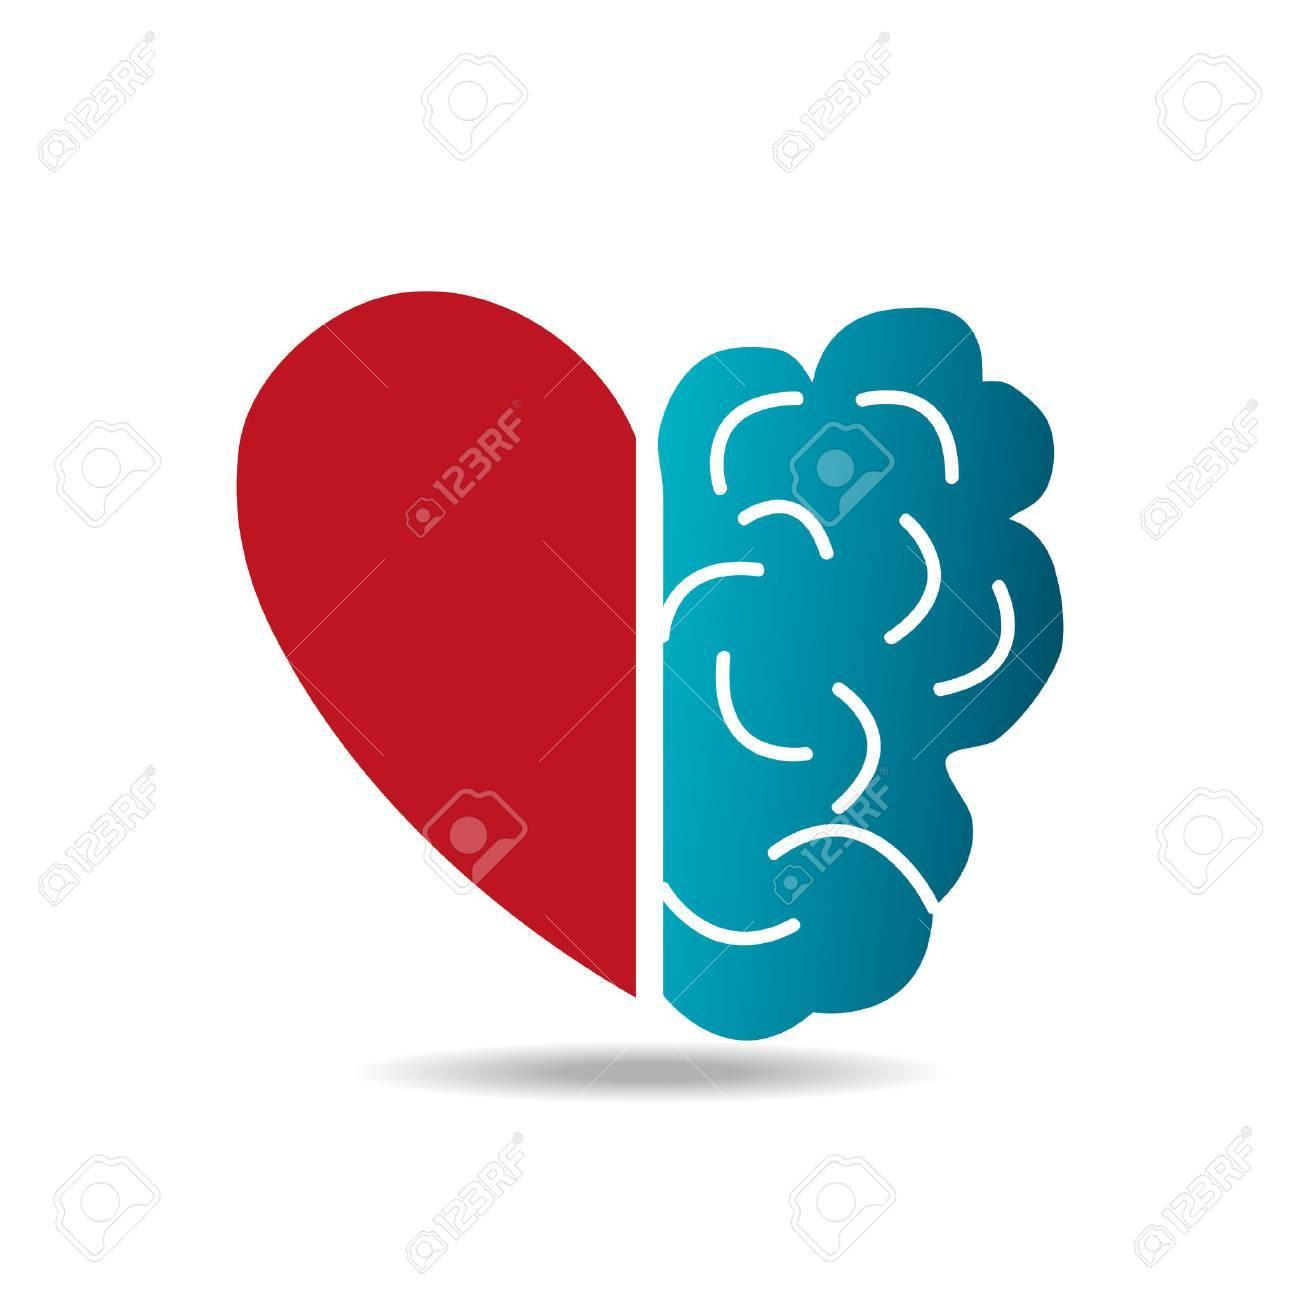 Brain design over white background, vector illustration. - 38043410